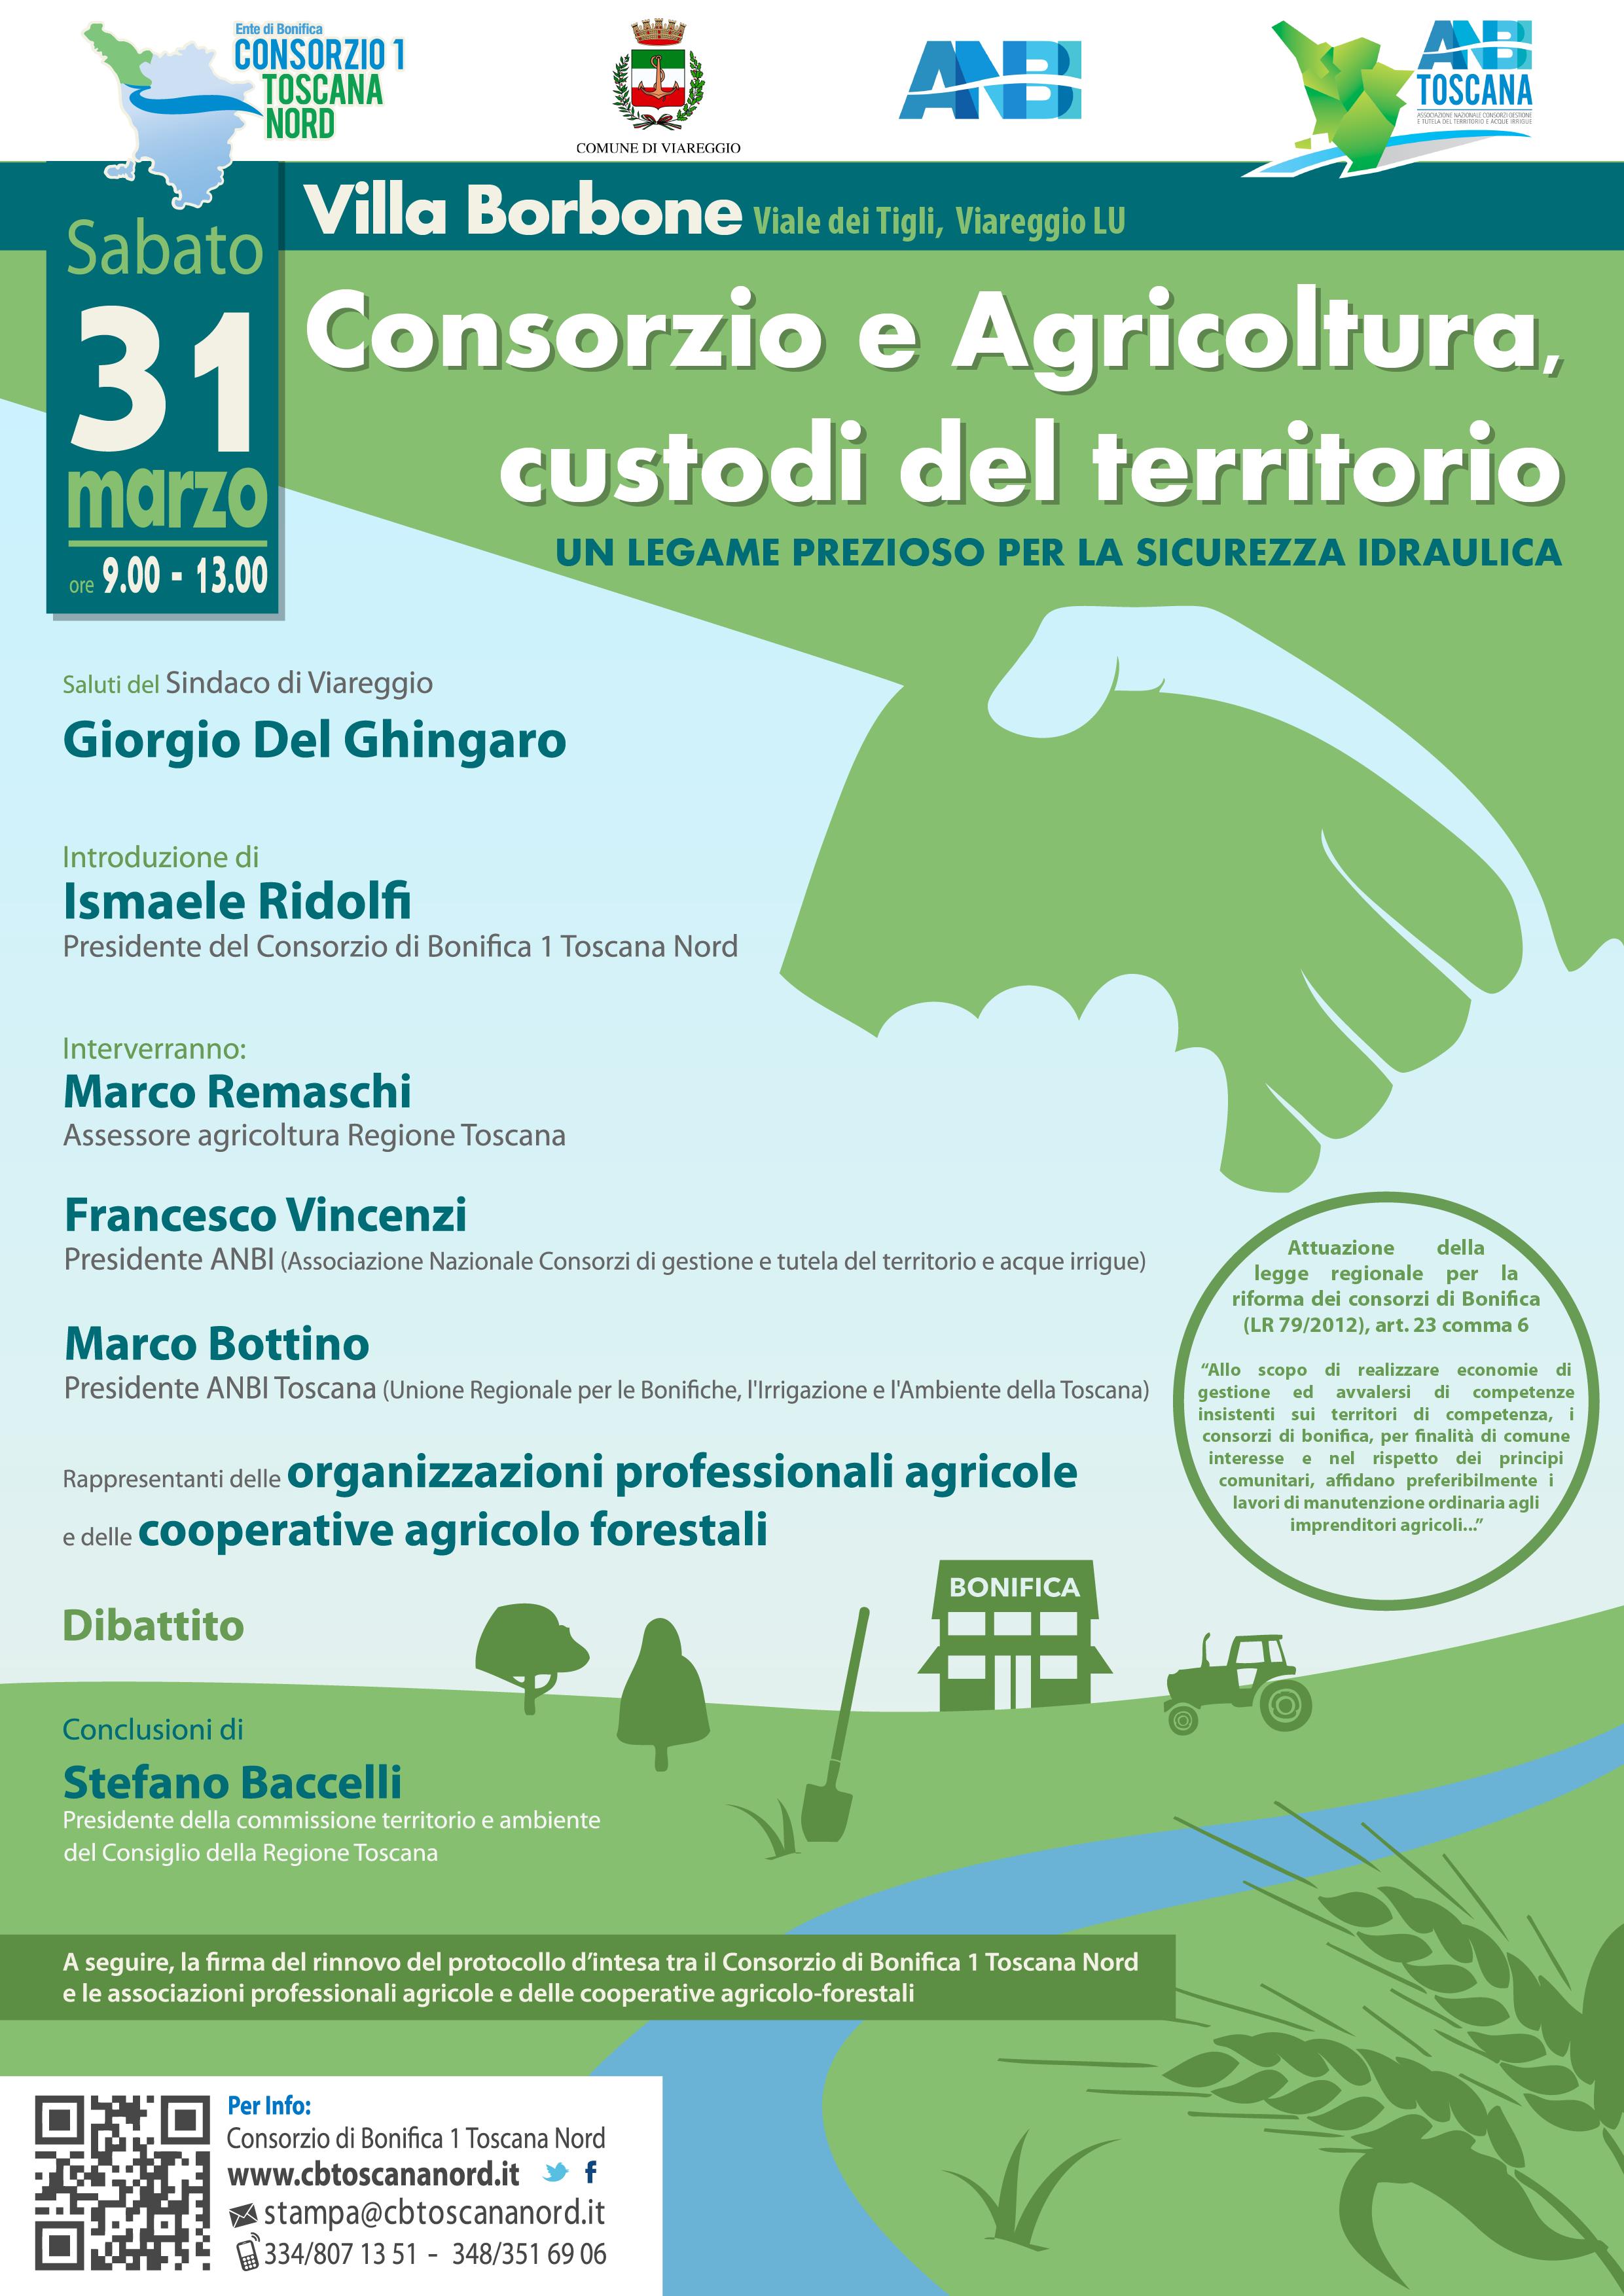 ConsorzioeAgricoltura (2)